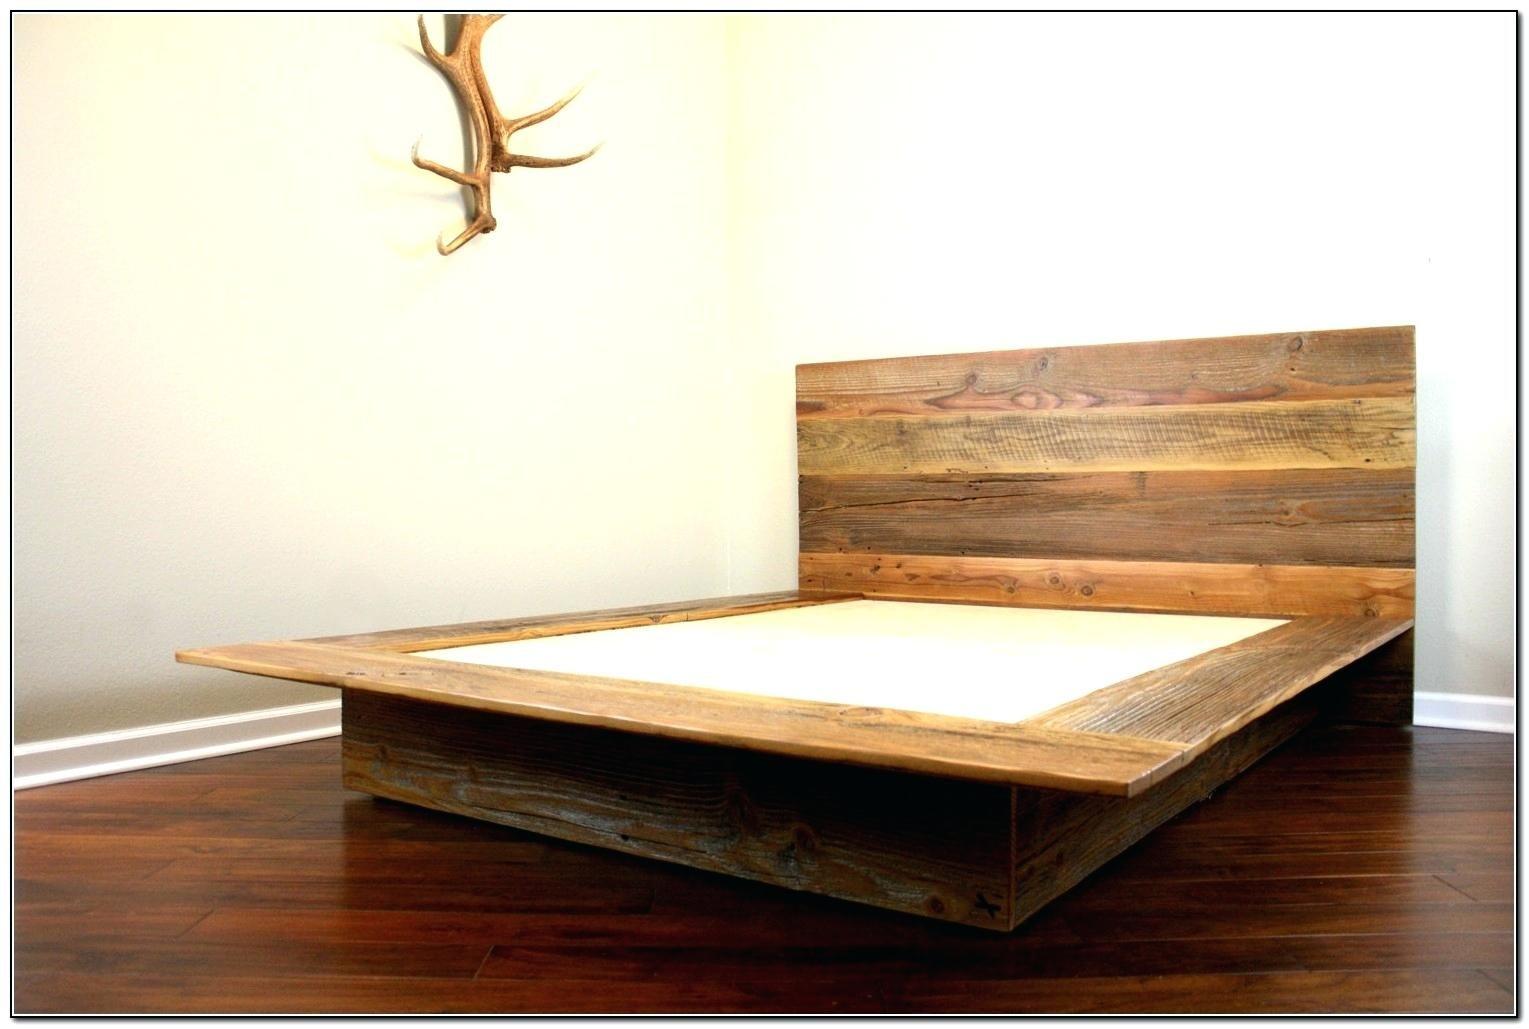 Plattform Bett Rahmen Cal Konig Plattform Bett Lagerung Holzbetten